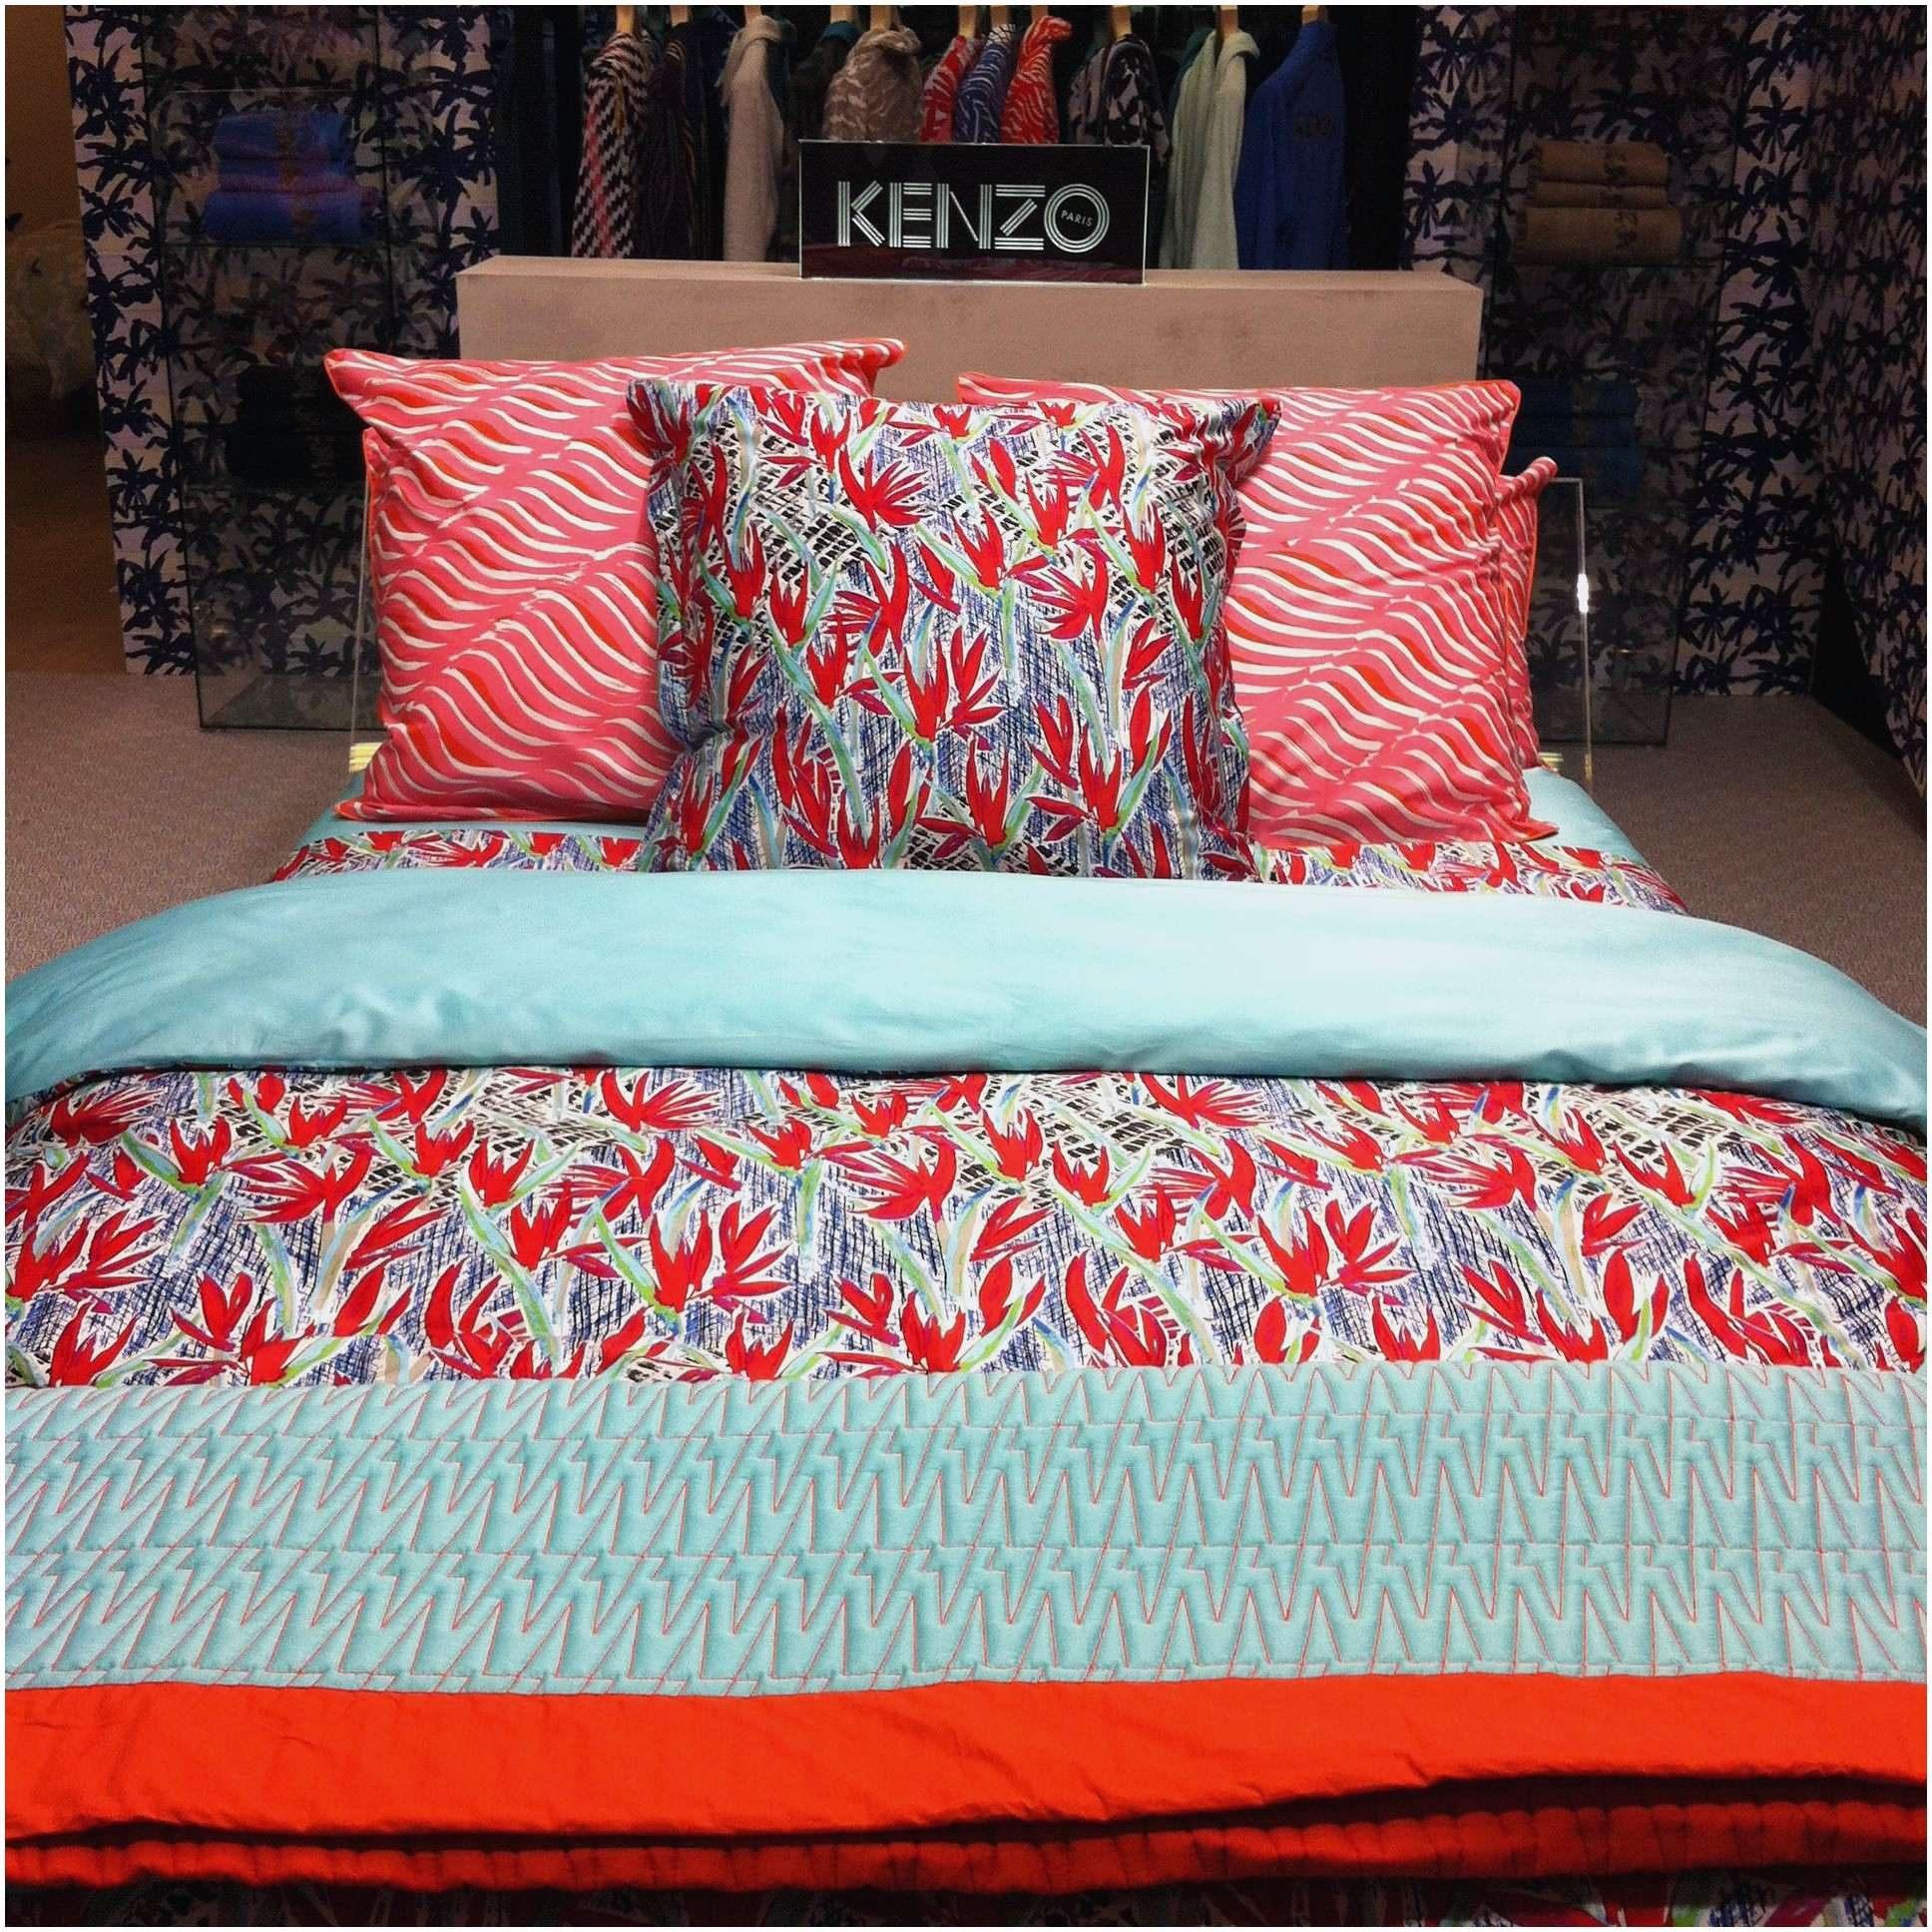 Le Meilleur De Parrure De Lit Kenzo Yves Delorme Lit Bedroom Bed